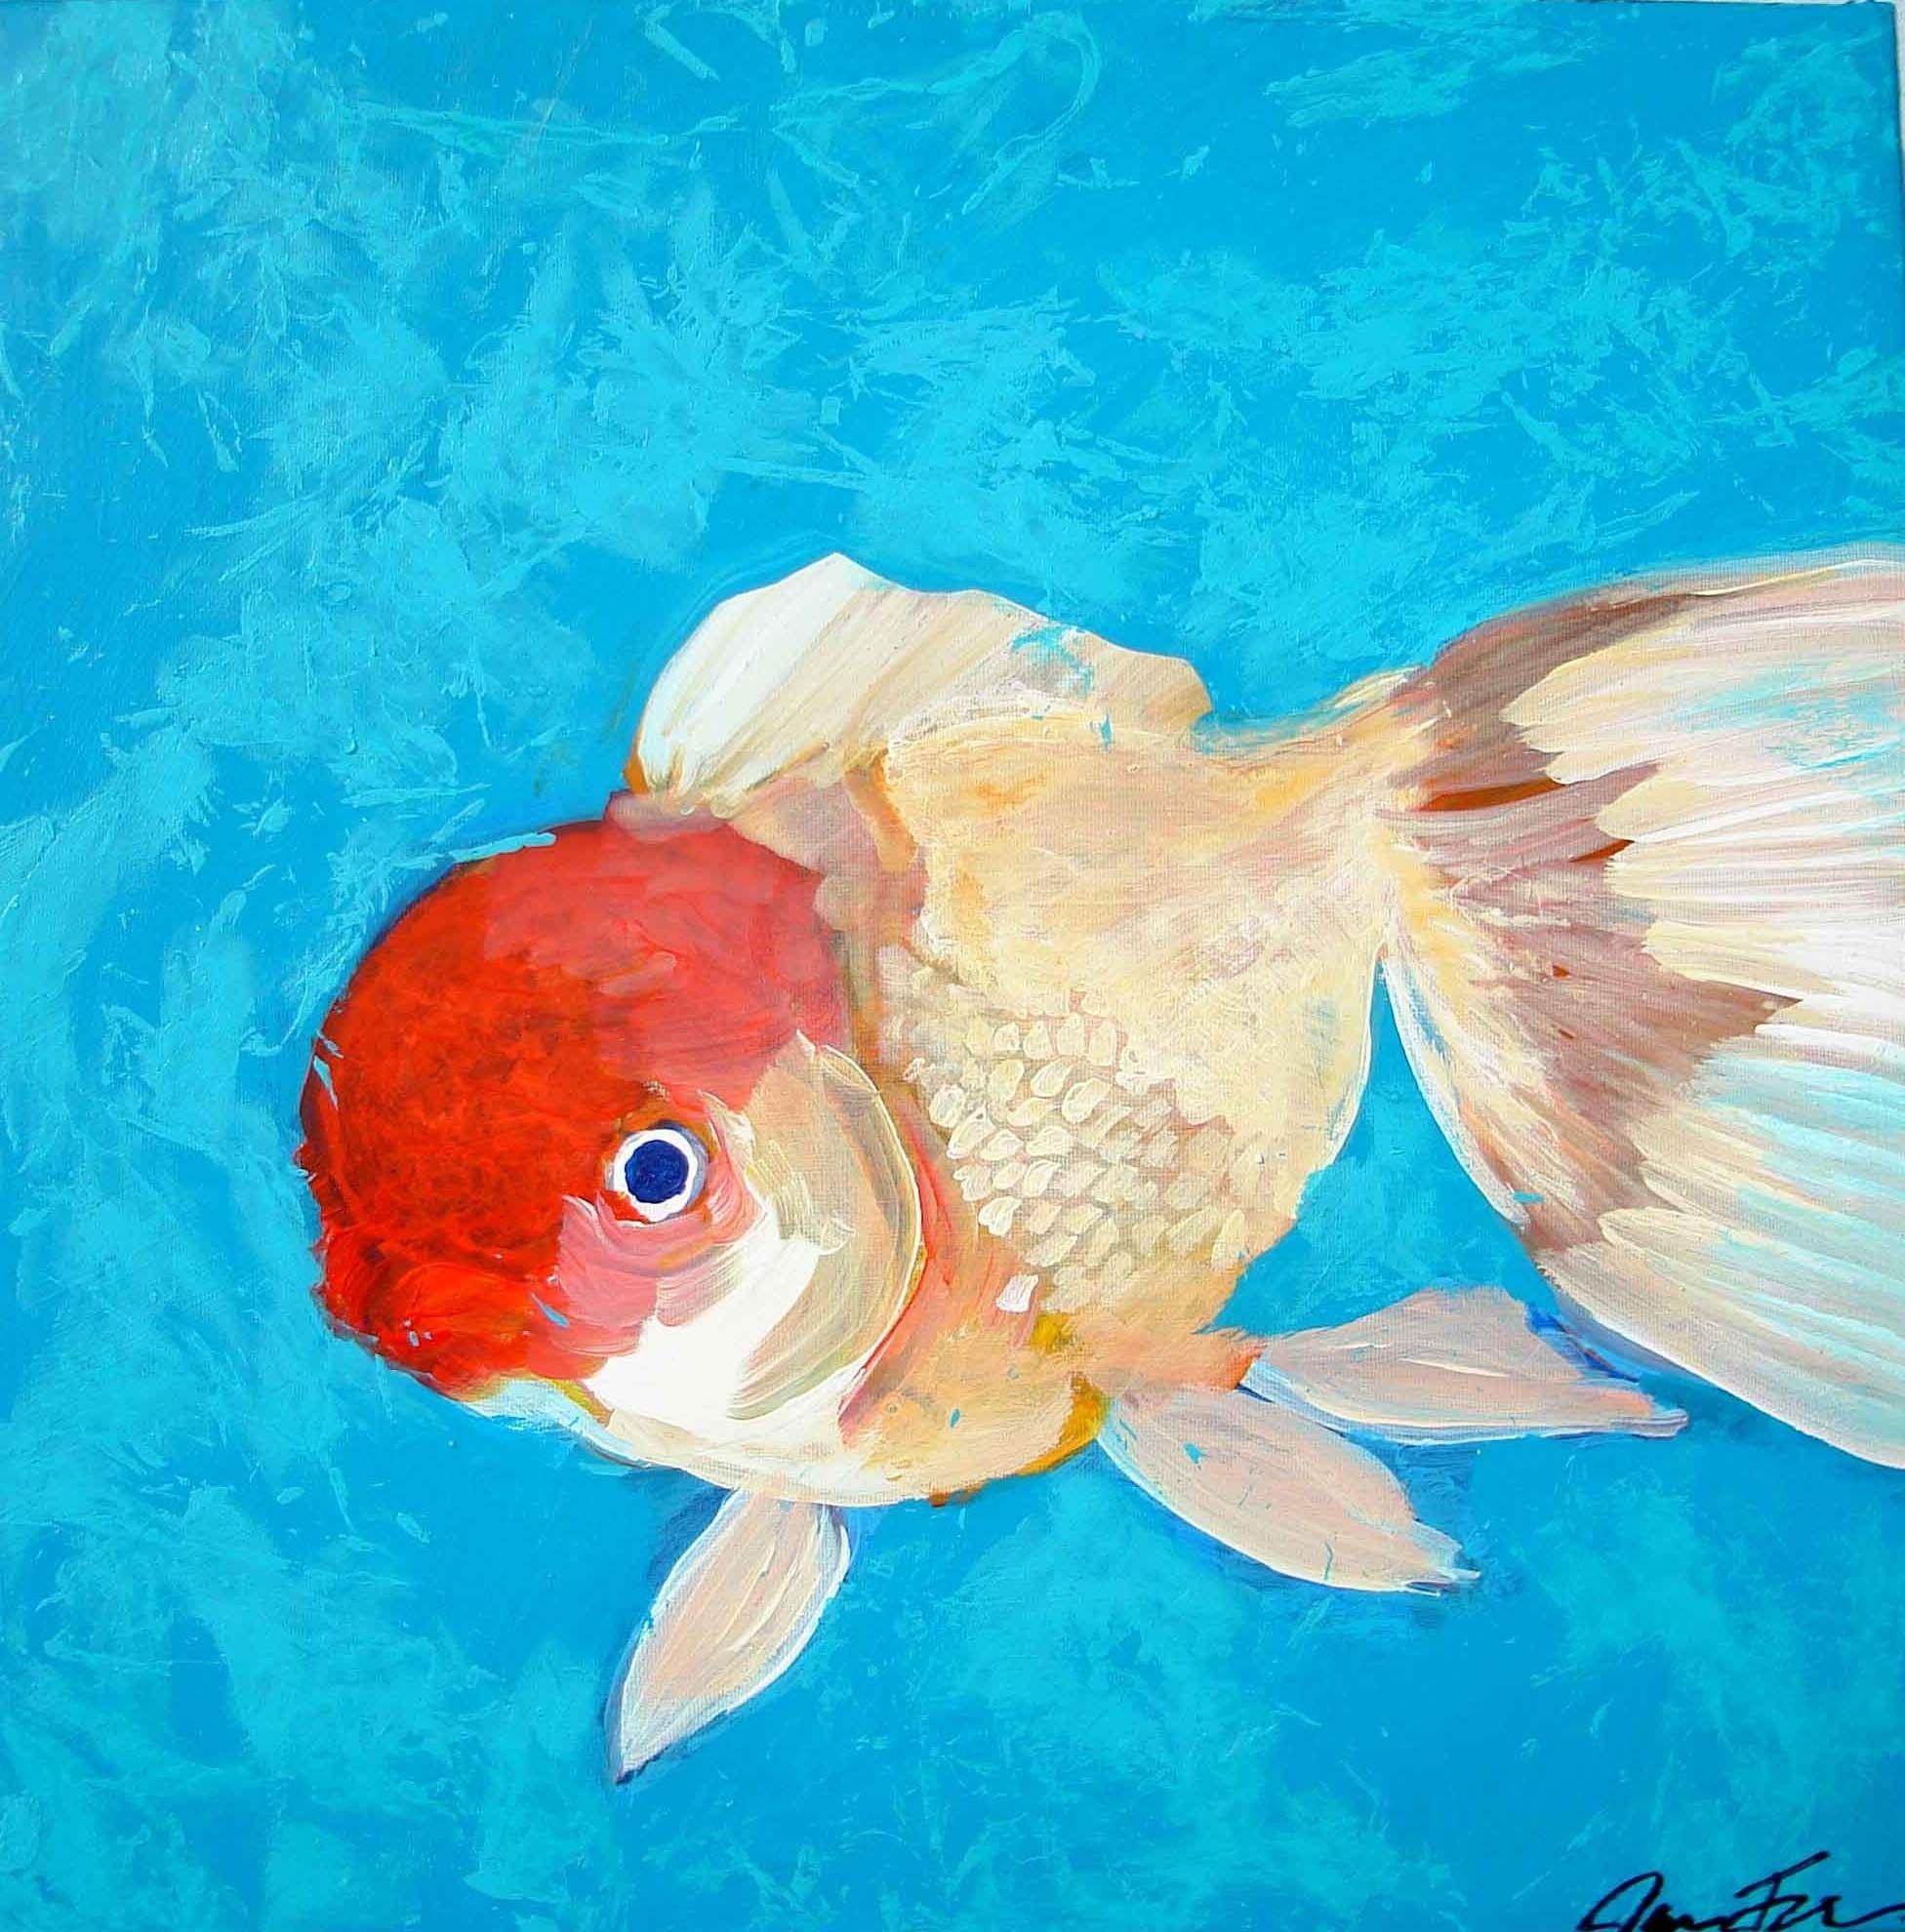 Red Cap Oranda Goldfish By Jara Frisk Oranda Goldfish Goldfish Fish Painting